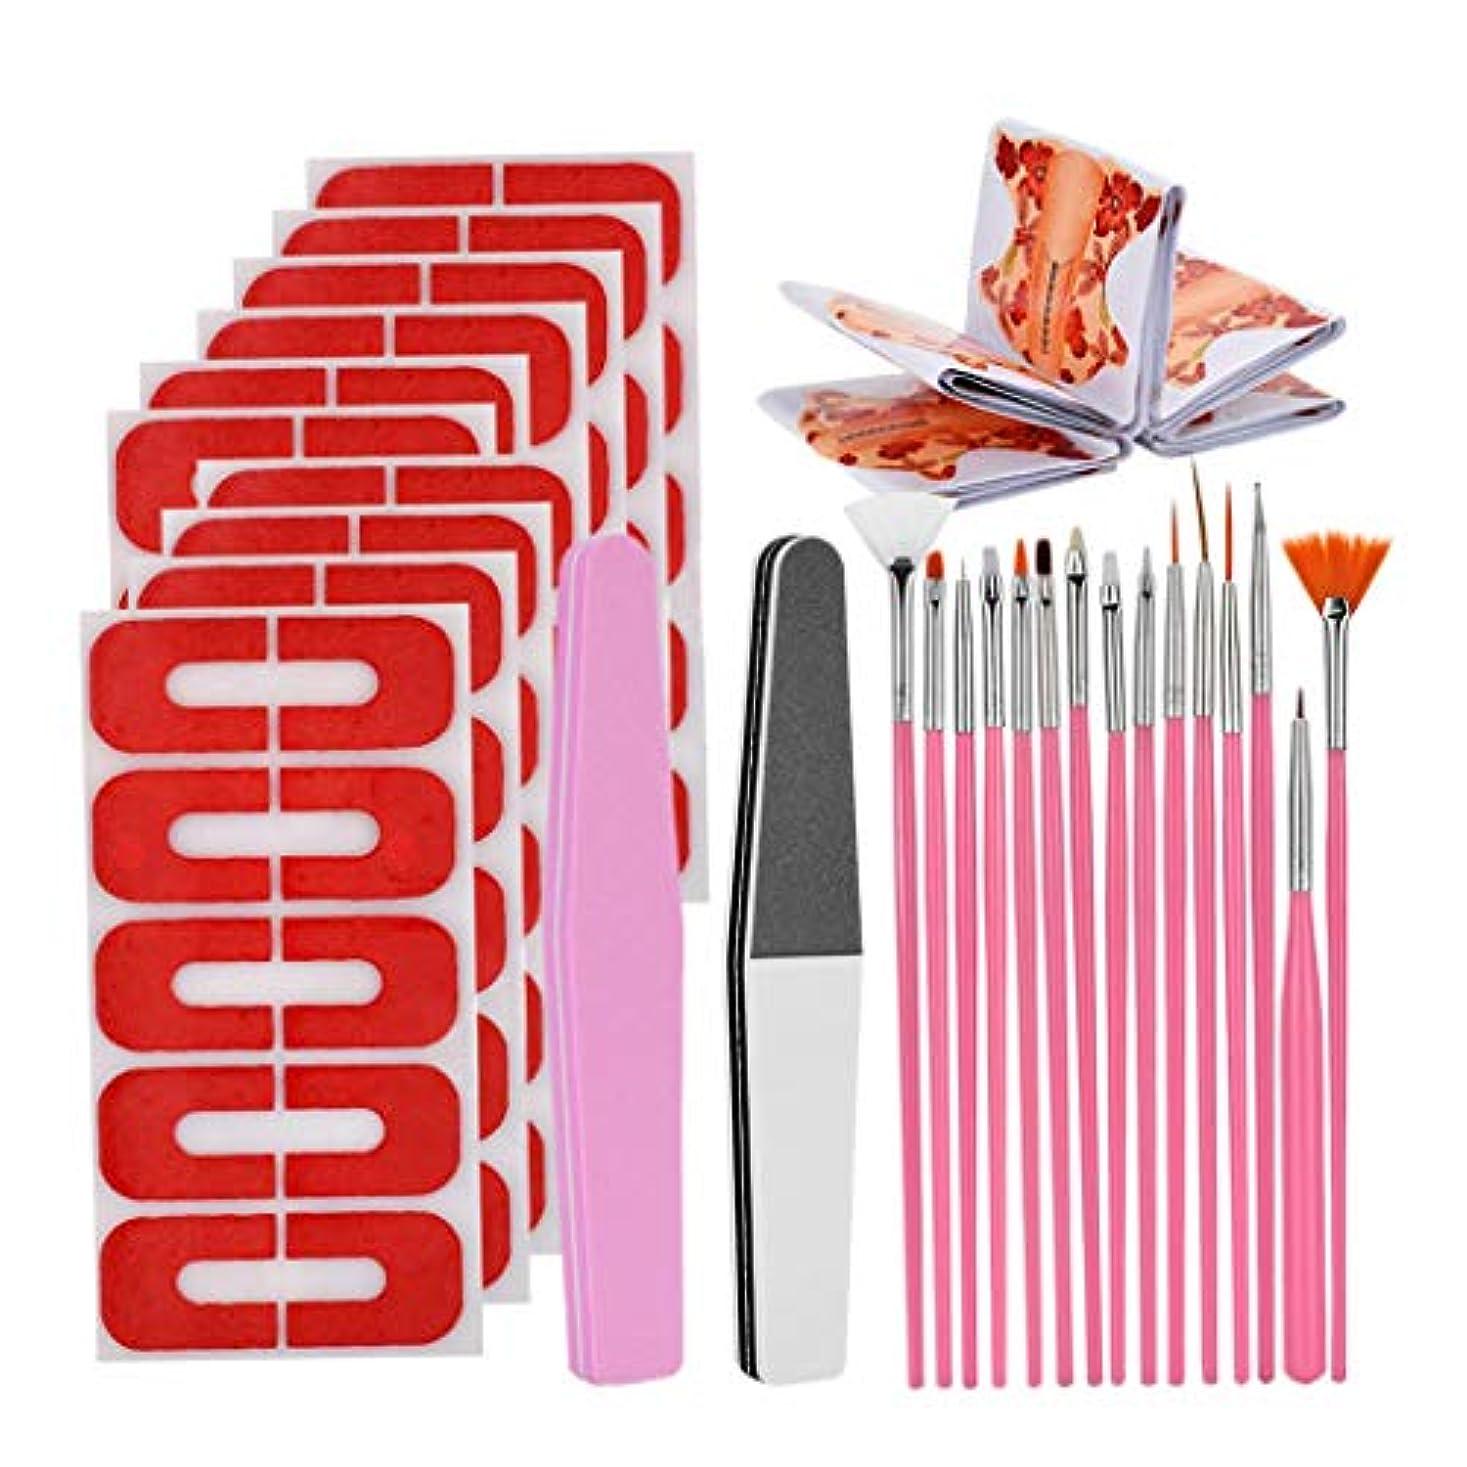 オーク息苦しいメーターCUTICATE 50個再利用可能なソフトプラスチックネイルポリッシュステンシル、サロン&ホーム用マニキュアキット - 橙色